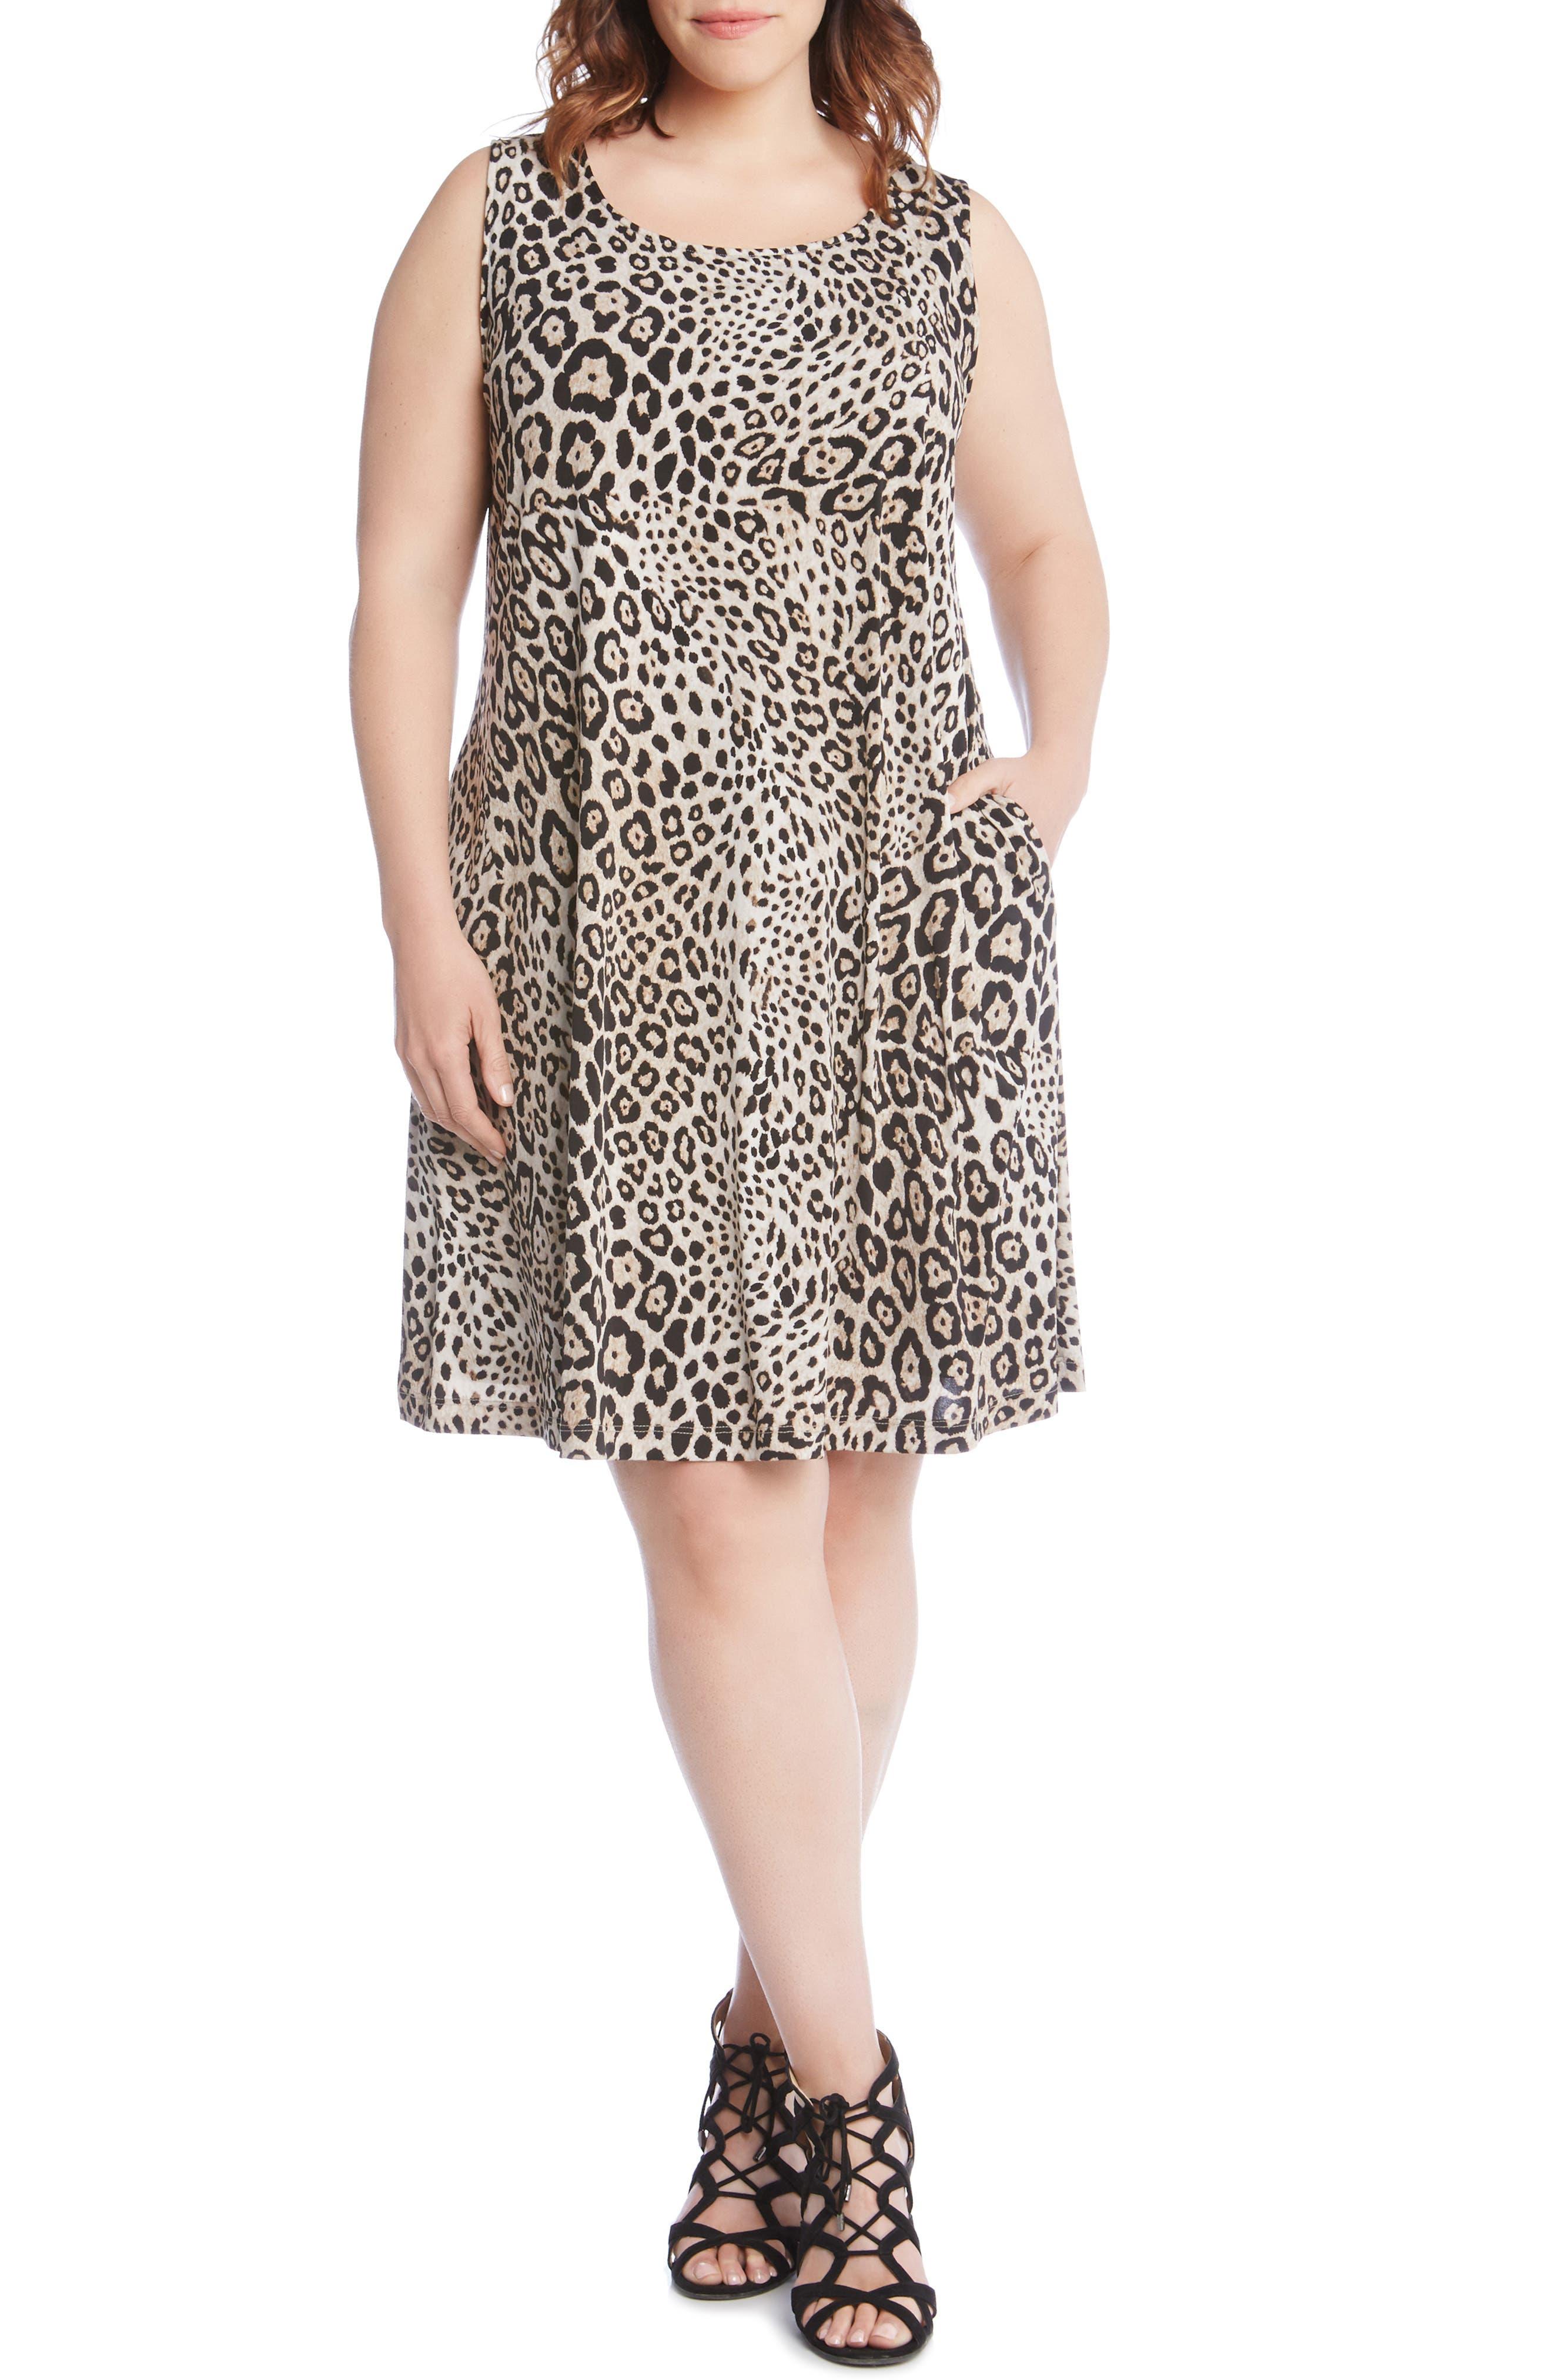 Plus Size Karen Kane Chloe Leopard Print A-Line Dress